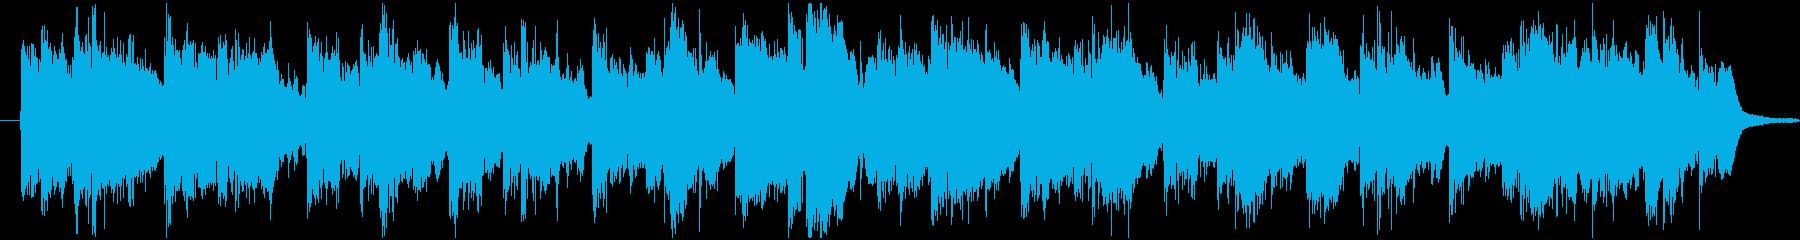 日本の伝統文化に良く合いそうな約30秒曲の再生済みの波形